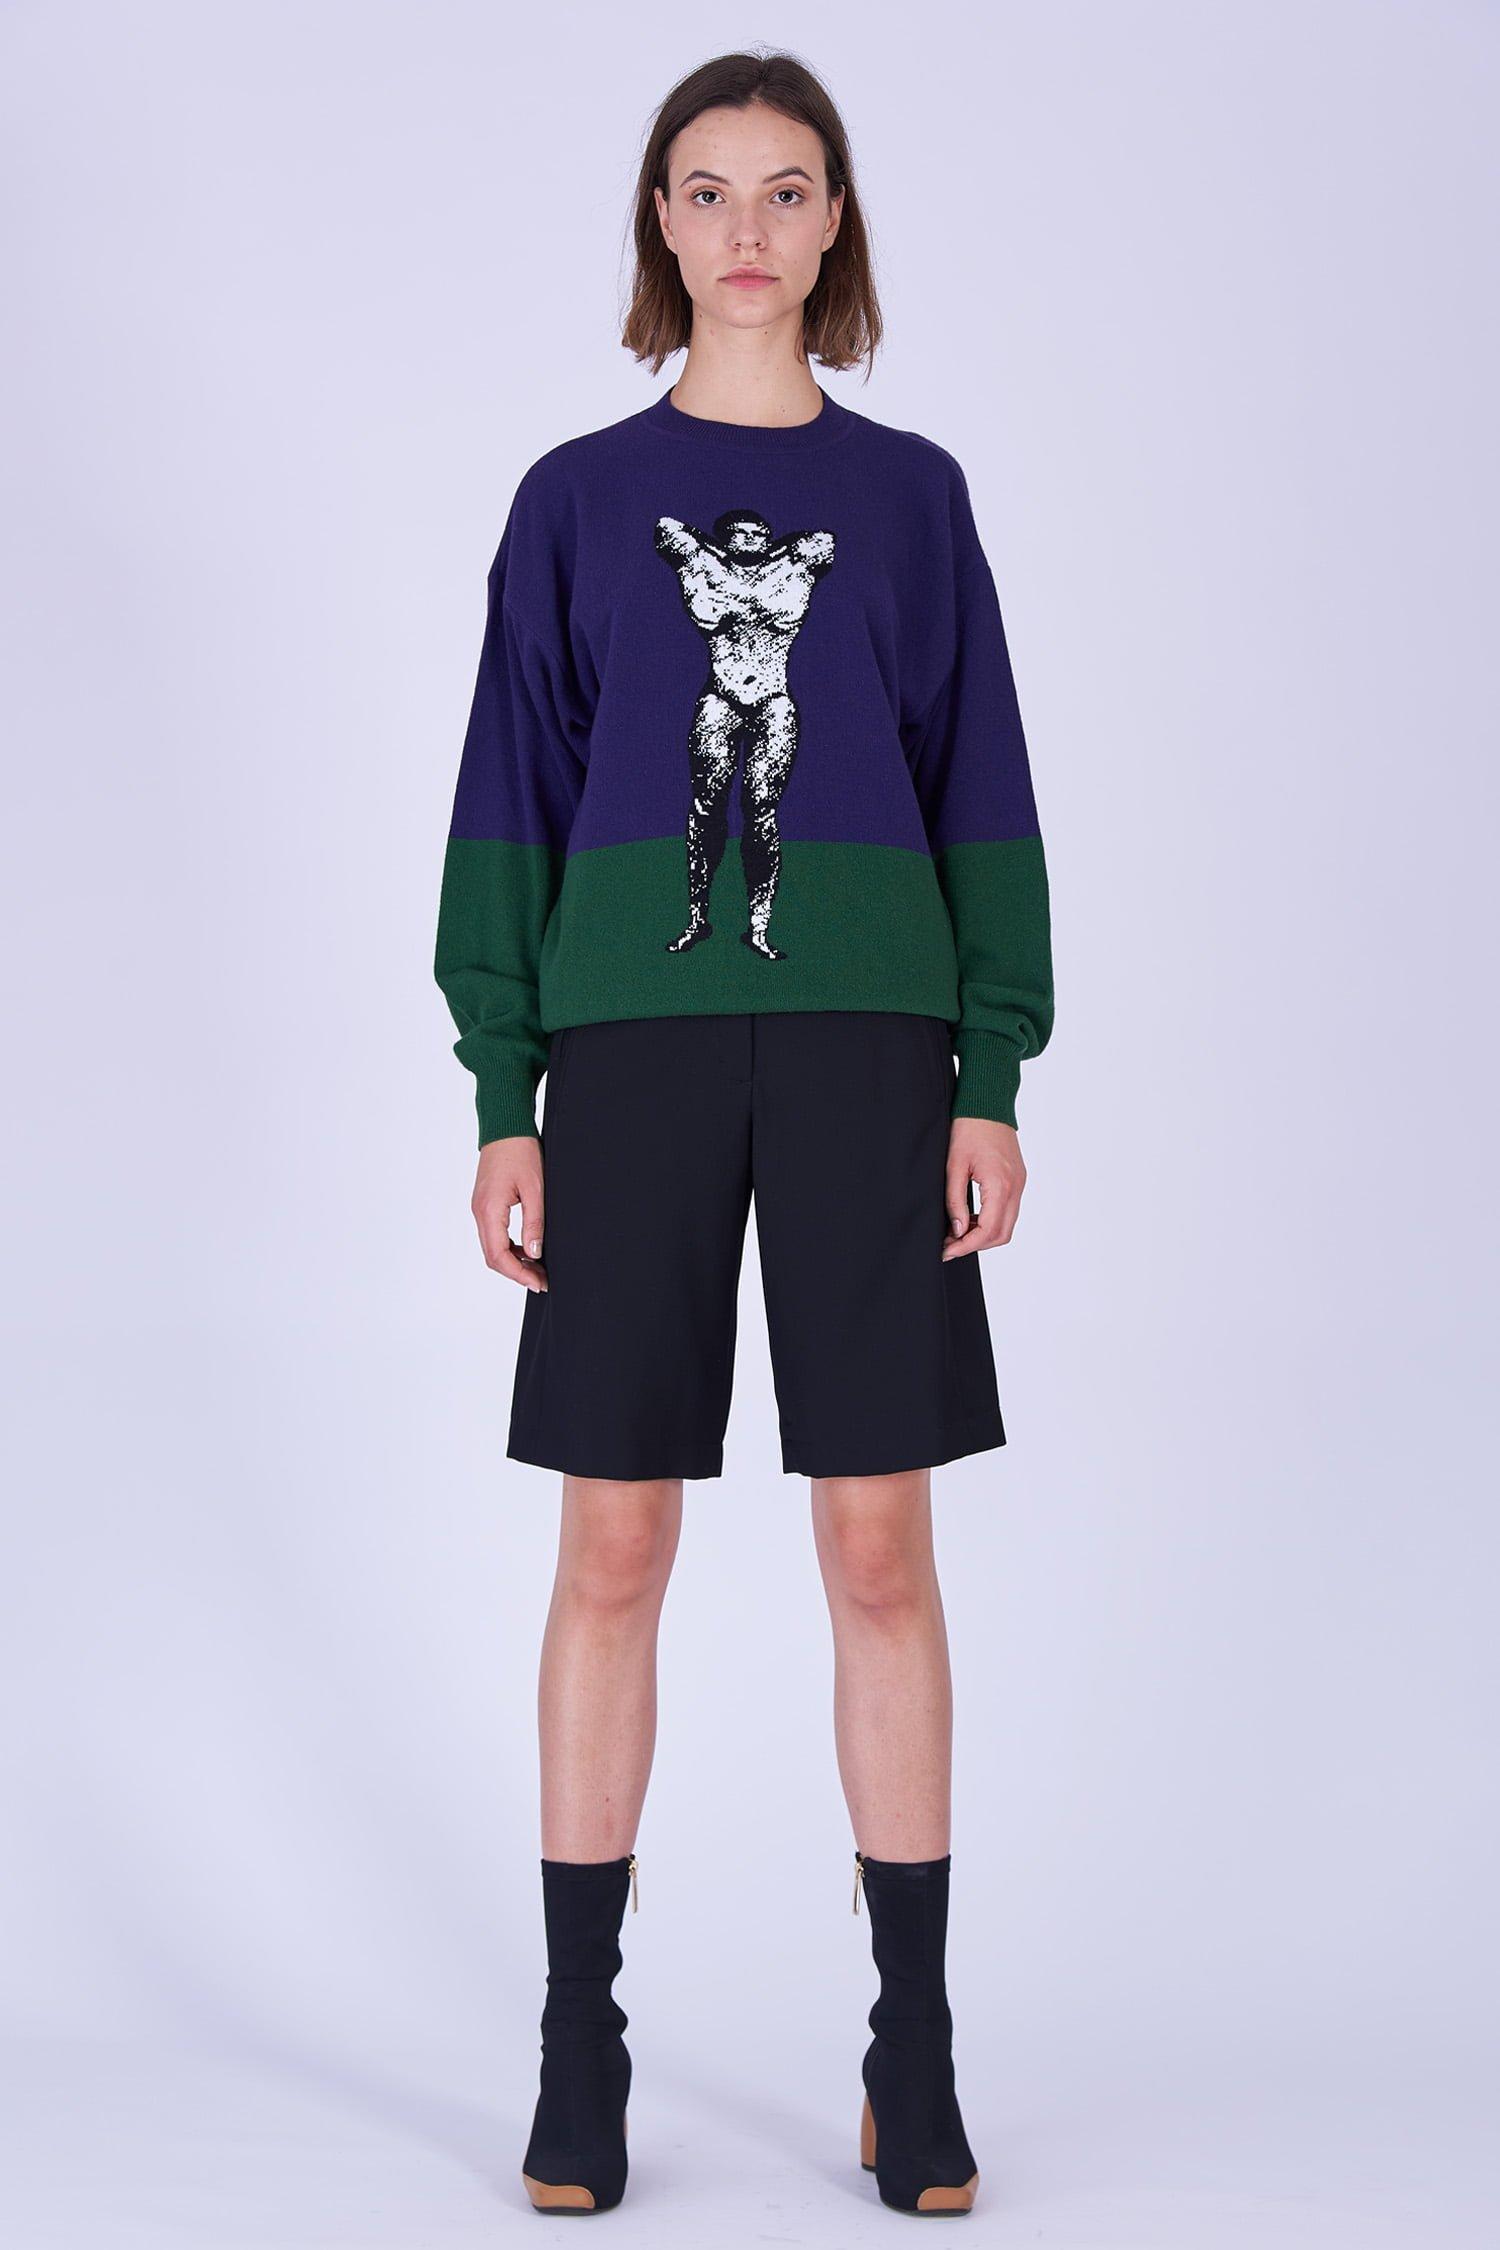 Acephala Fw19 20 Purple Green Bodybuilder Jumper Black Shorts Fioletowo Zielony Sweter Czarne Szorty Front 2